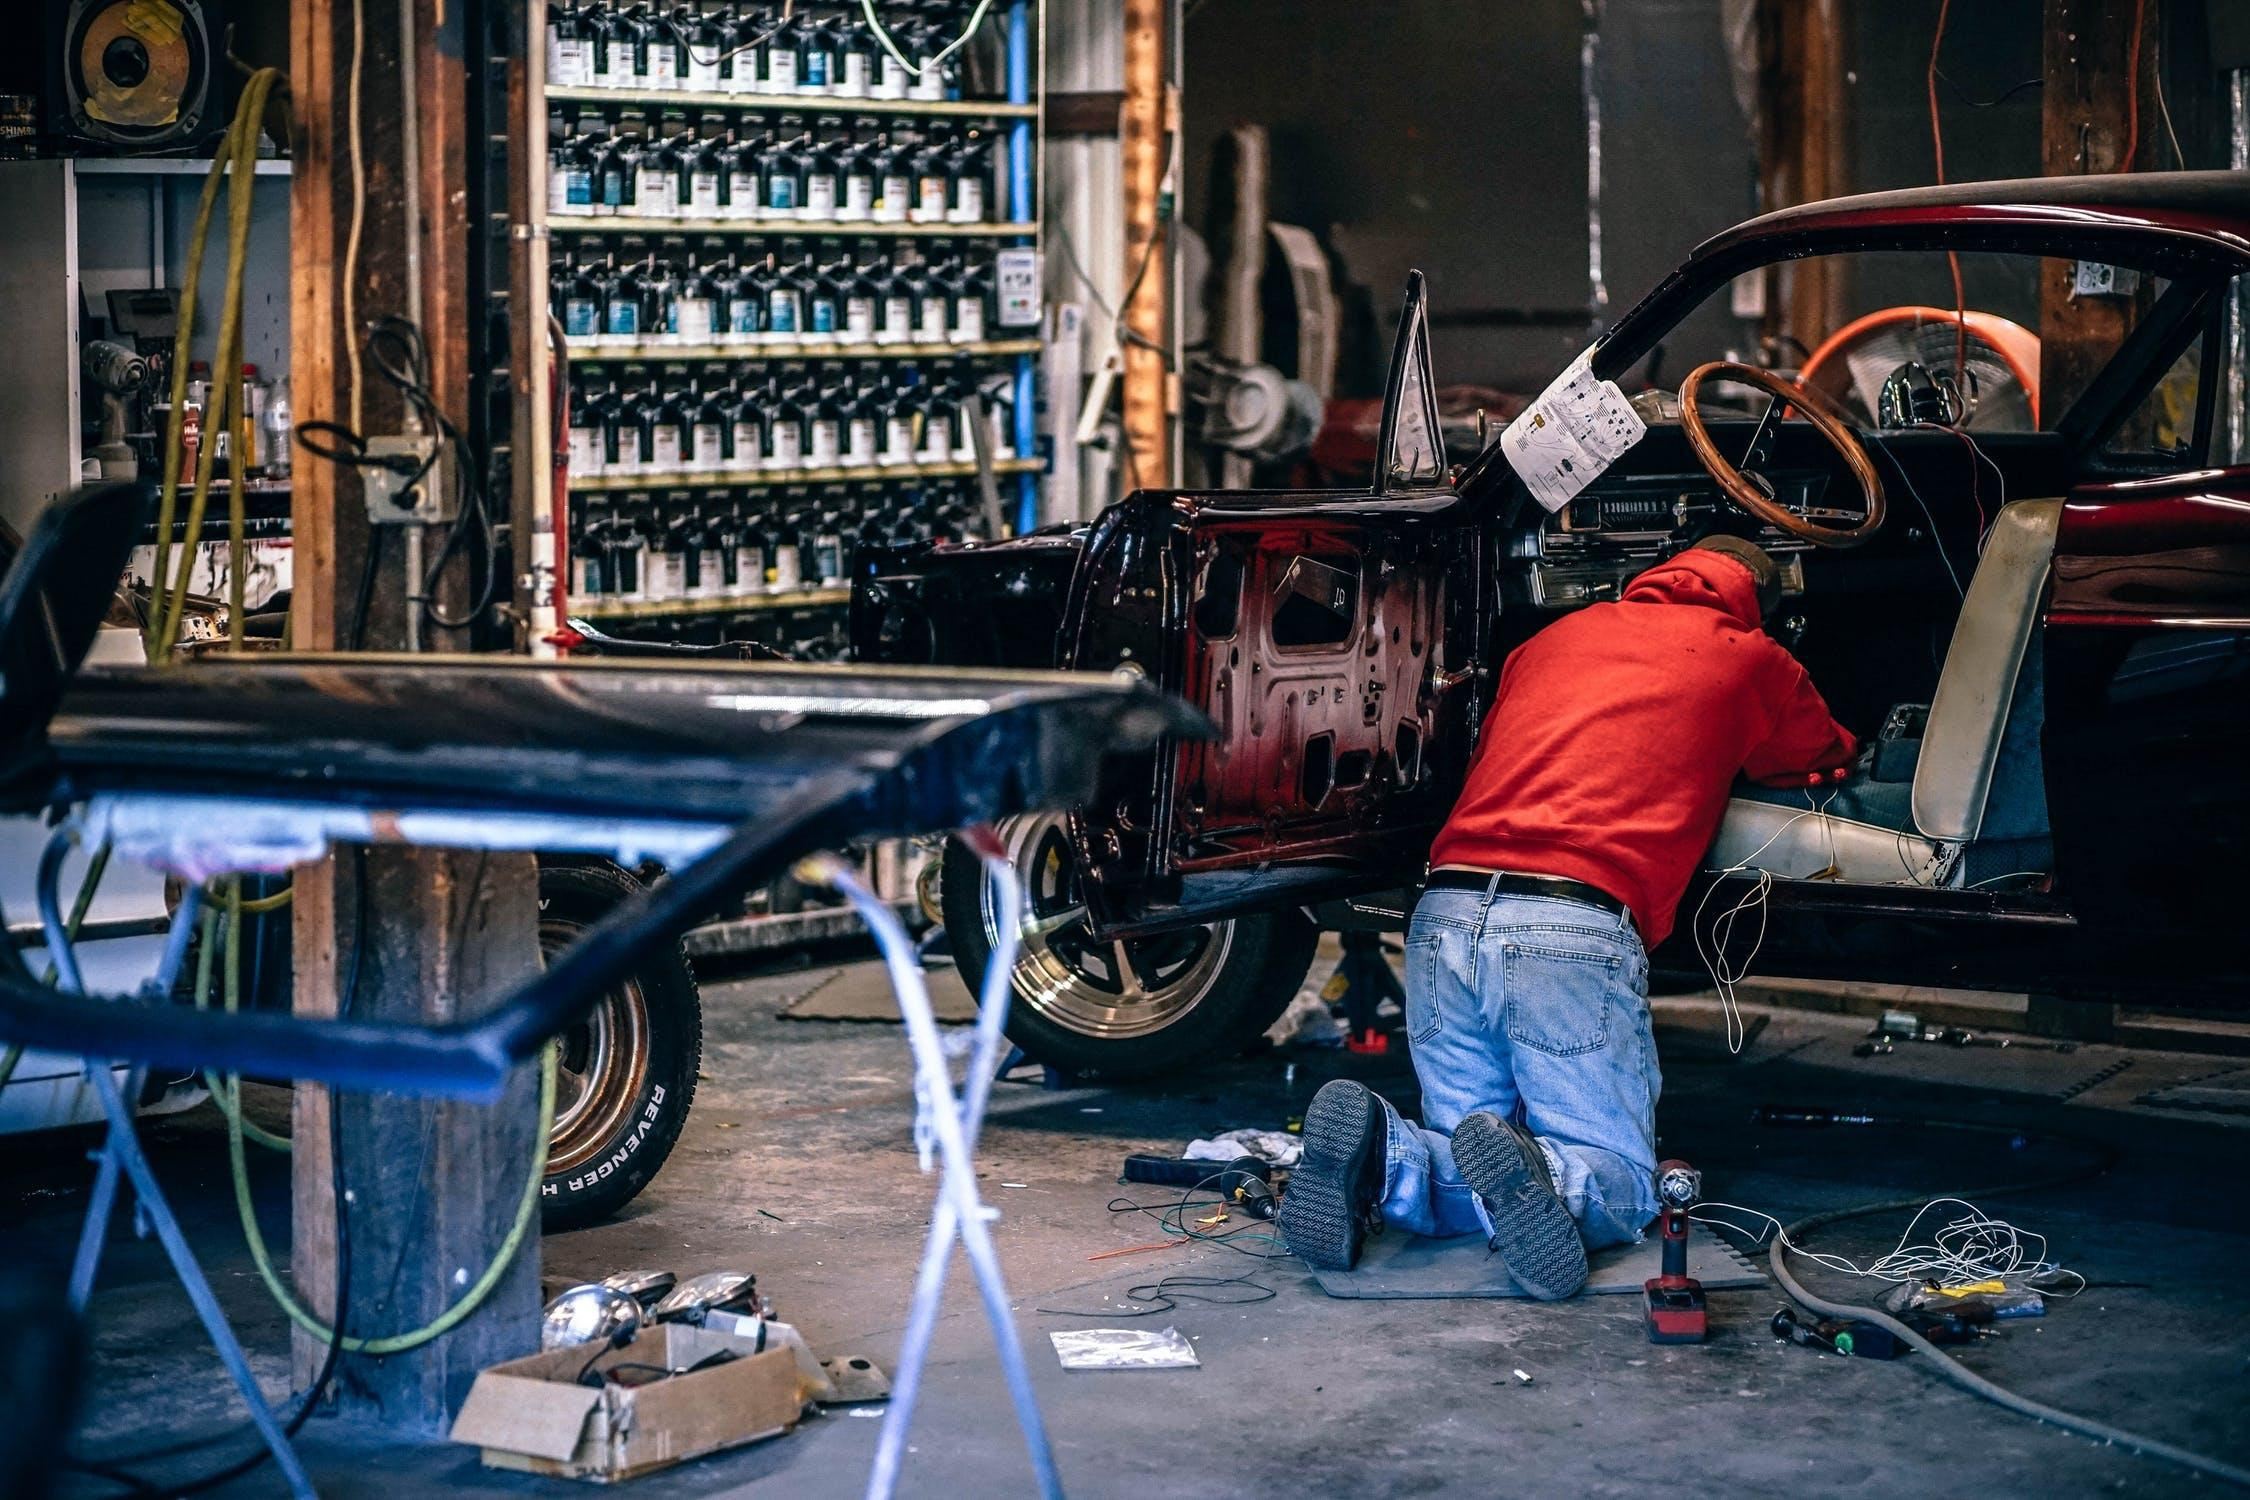 W warsztacie wykorzystywane jest wiele urządzeń na sprężone powietrze